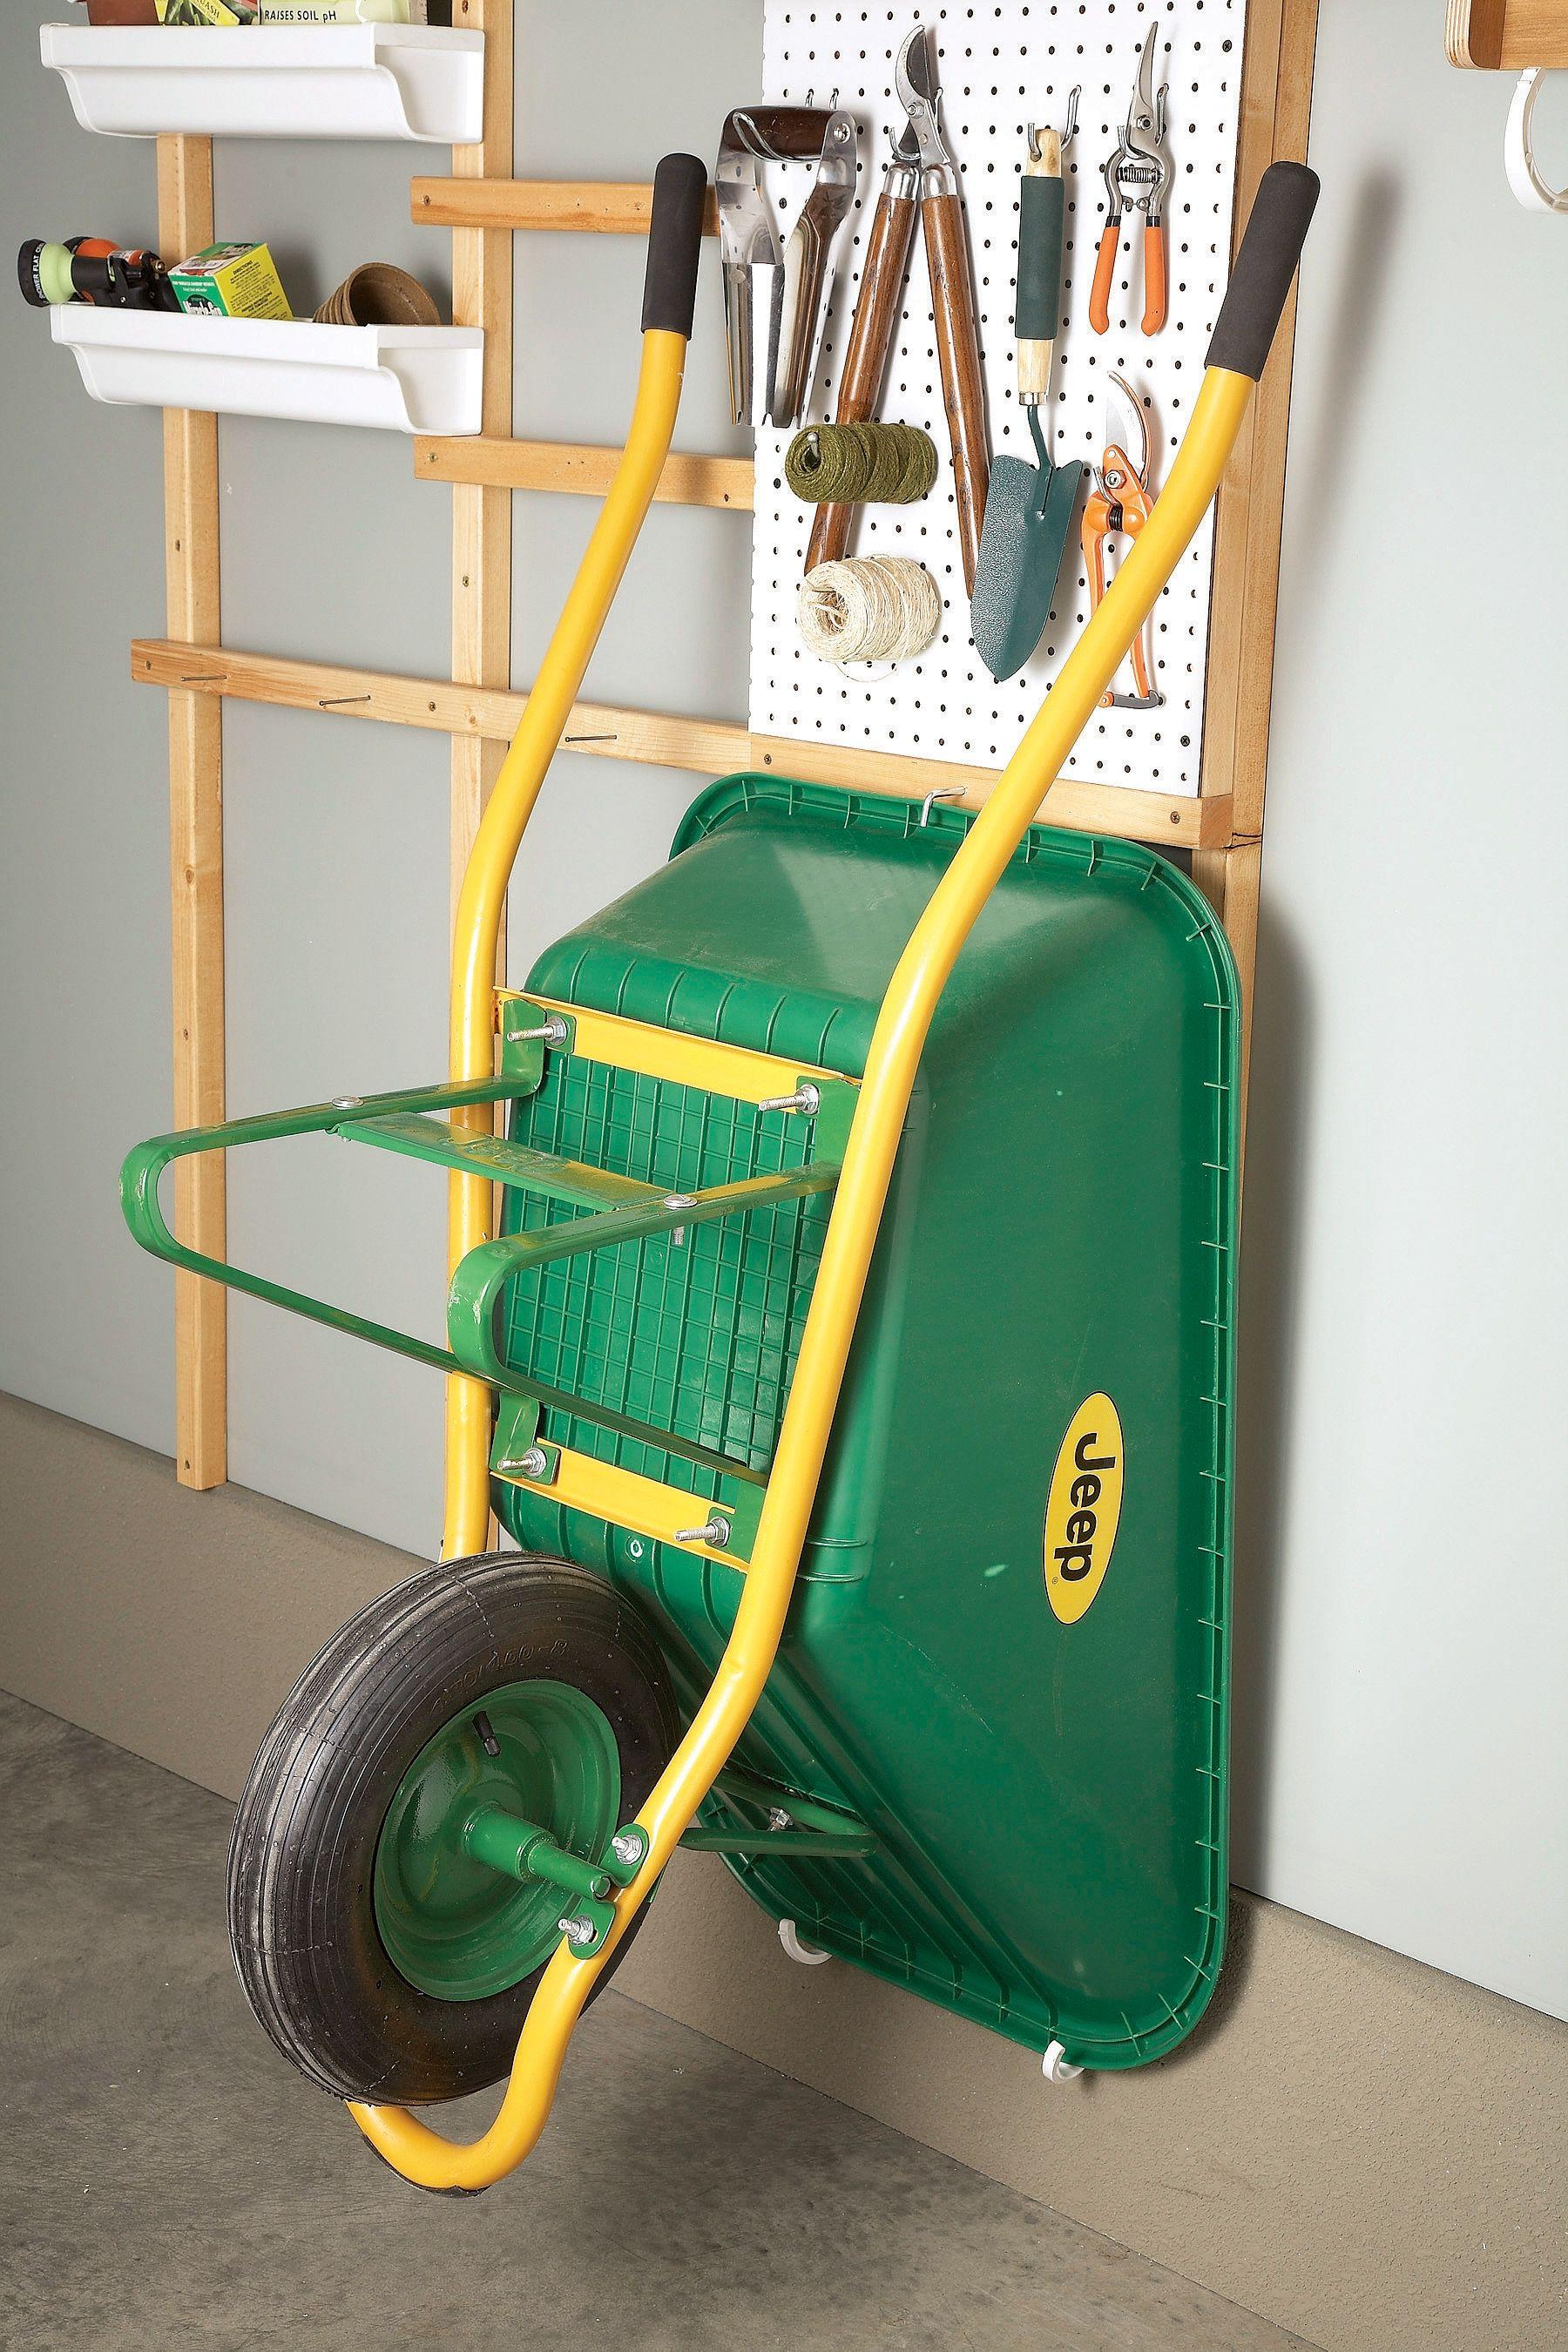 12 tips for DIY garage organization | Pinterest | Garage storage ...